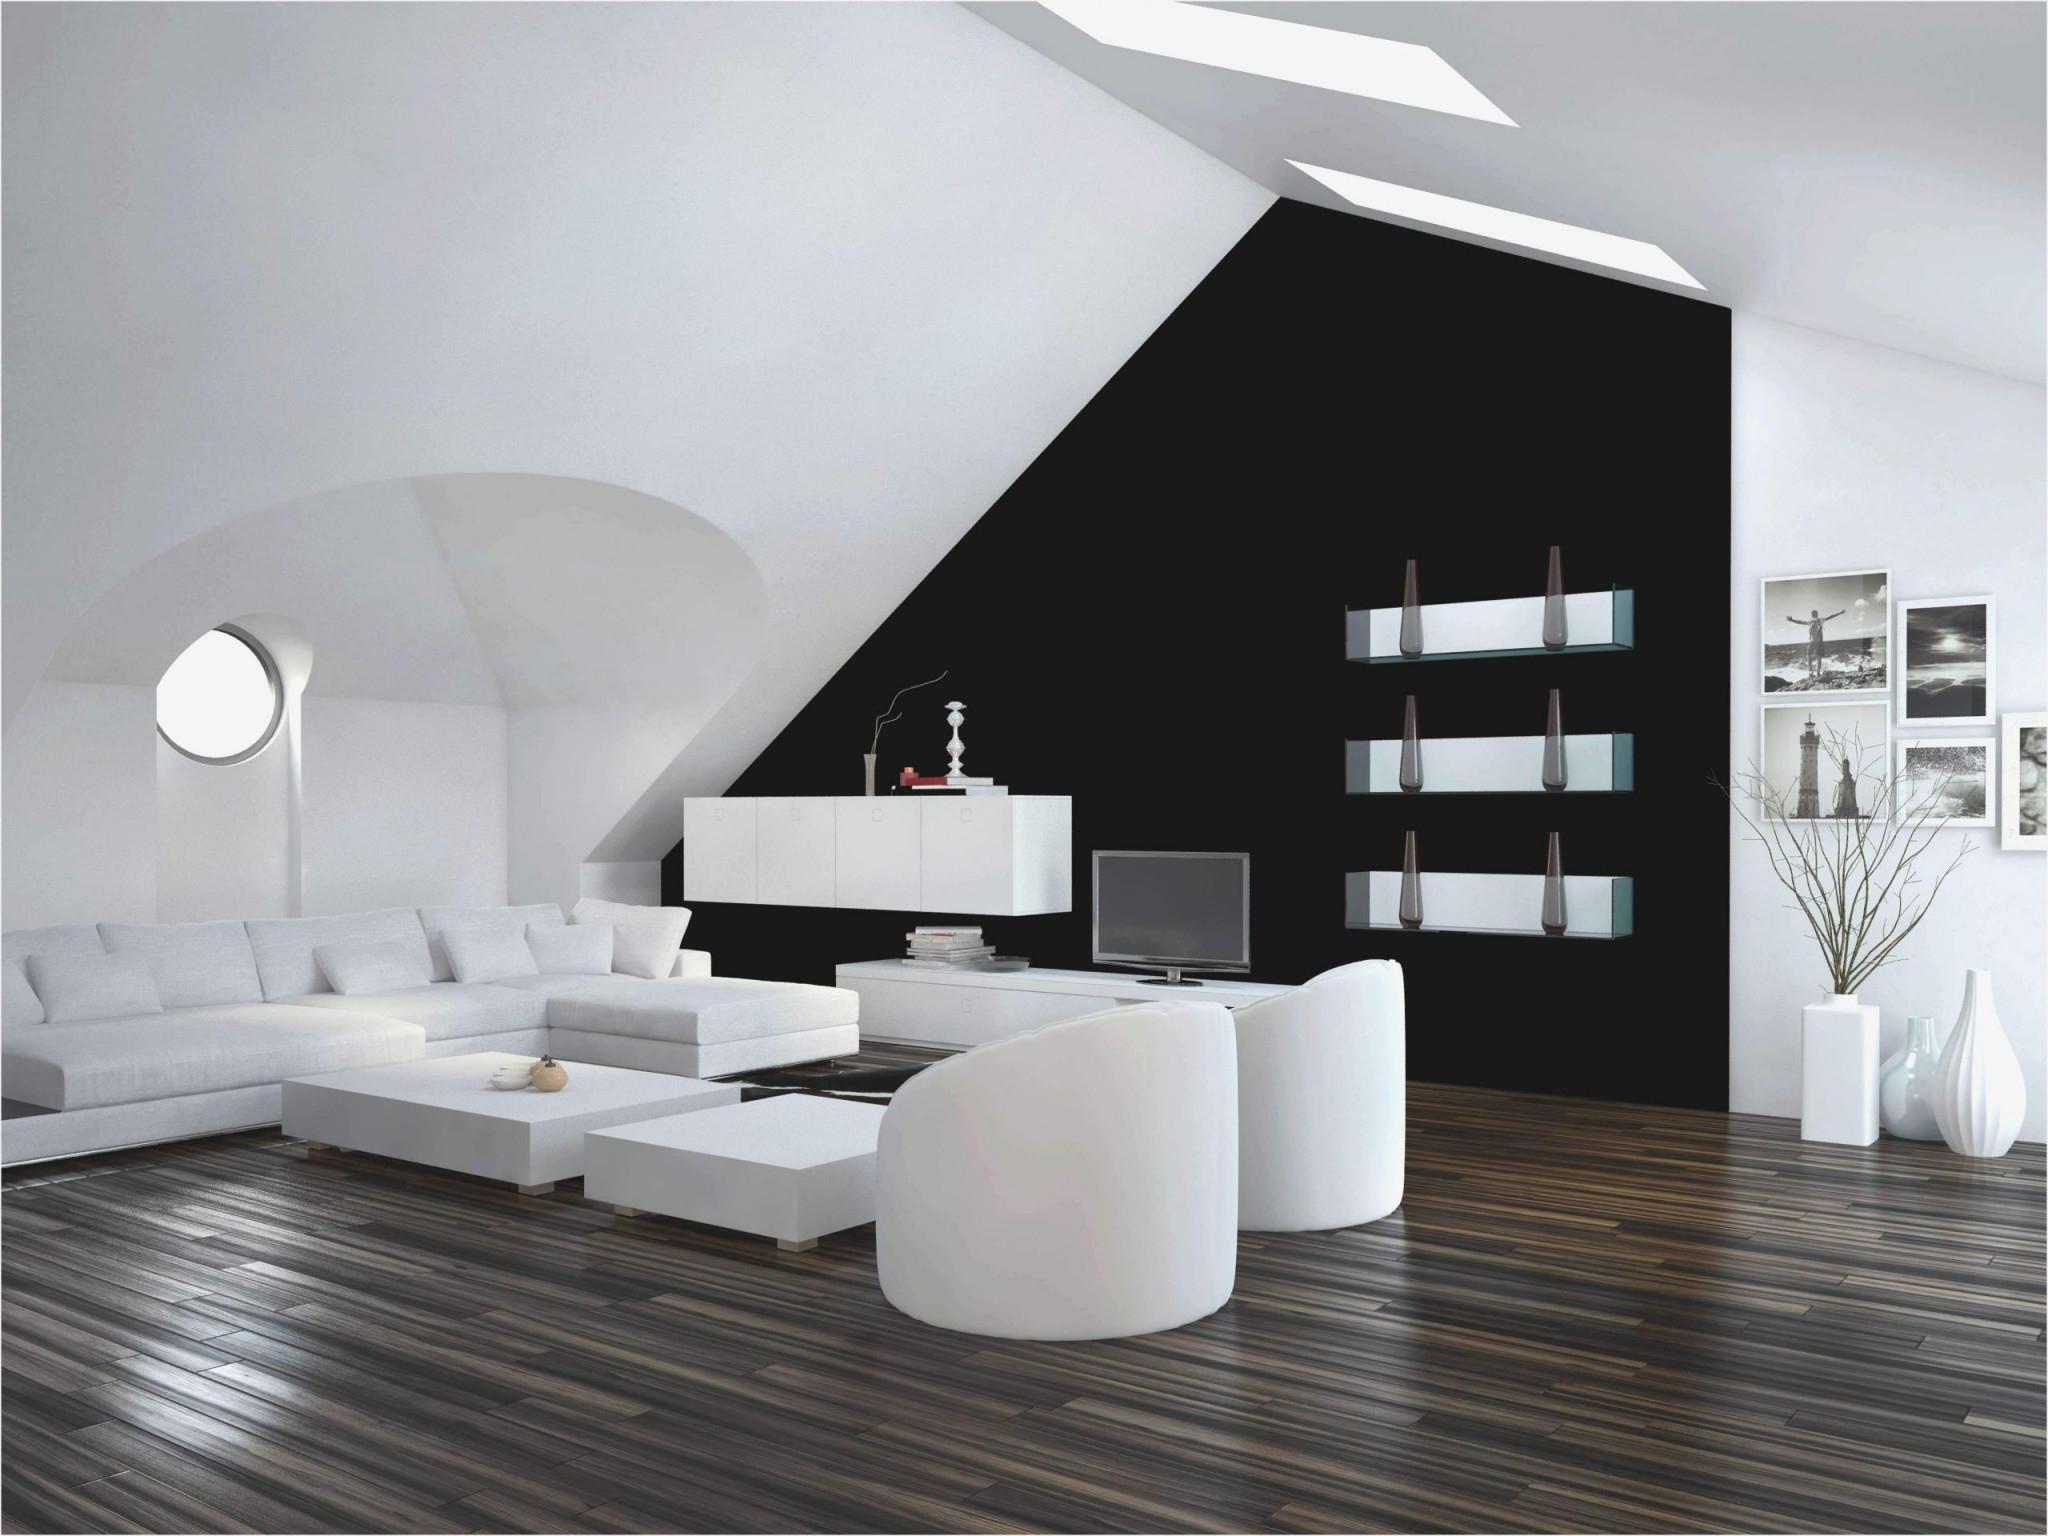 26 Neu Dekorationen Aus Metall  Garten Deko von Deko Für Ecken Im Wohnzimmer Bild